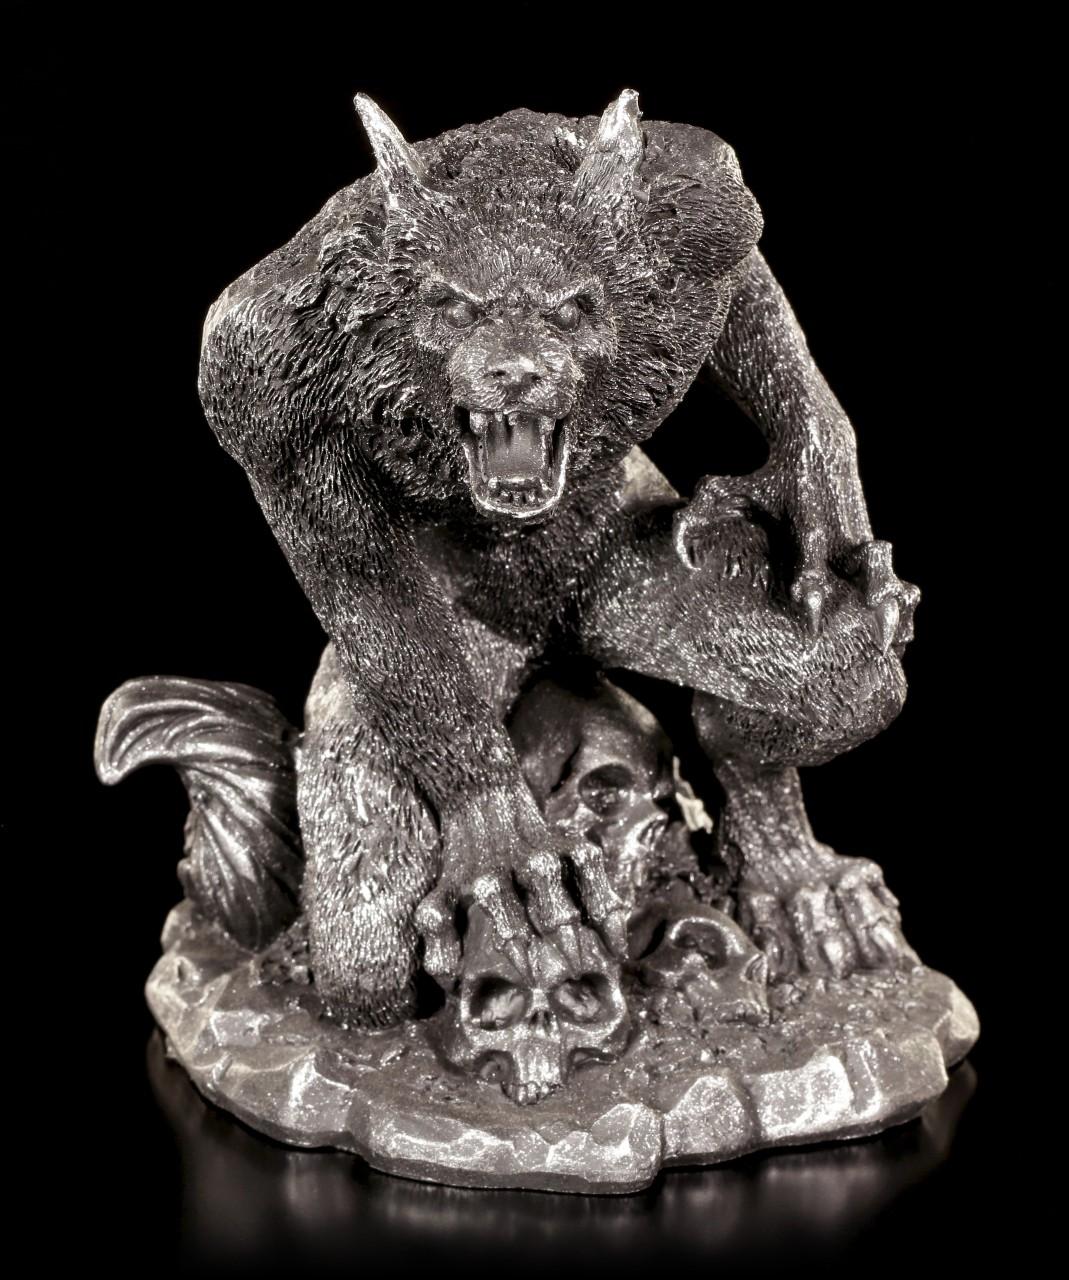 Howling Werewolf Figurine - Werewolf Lair